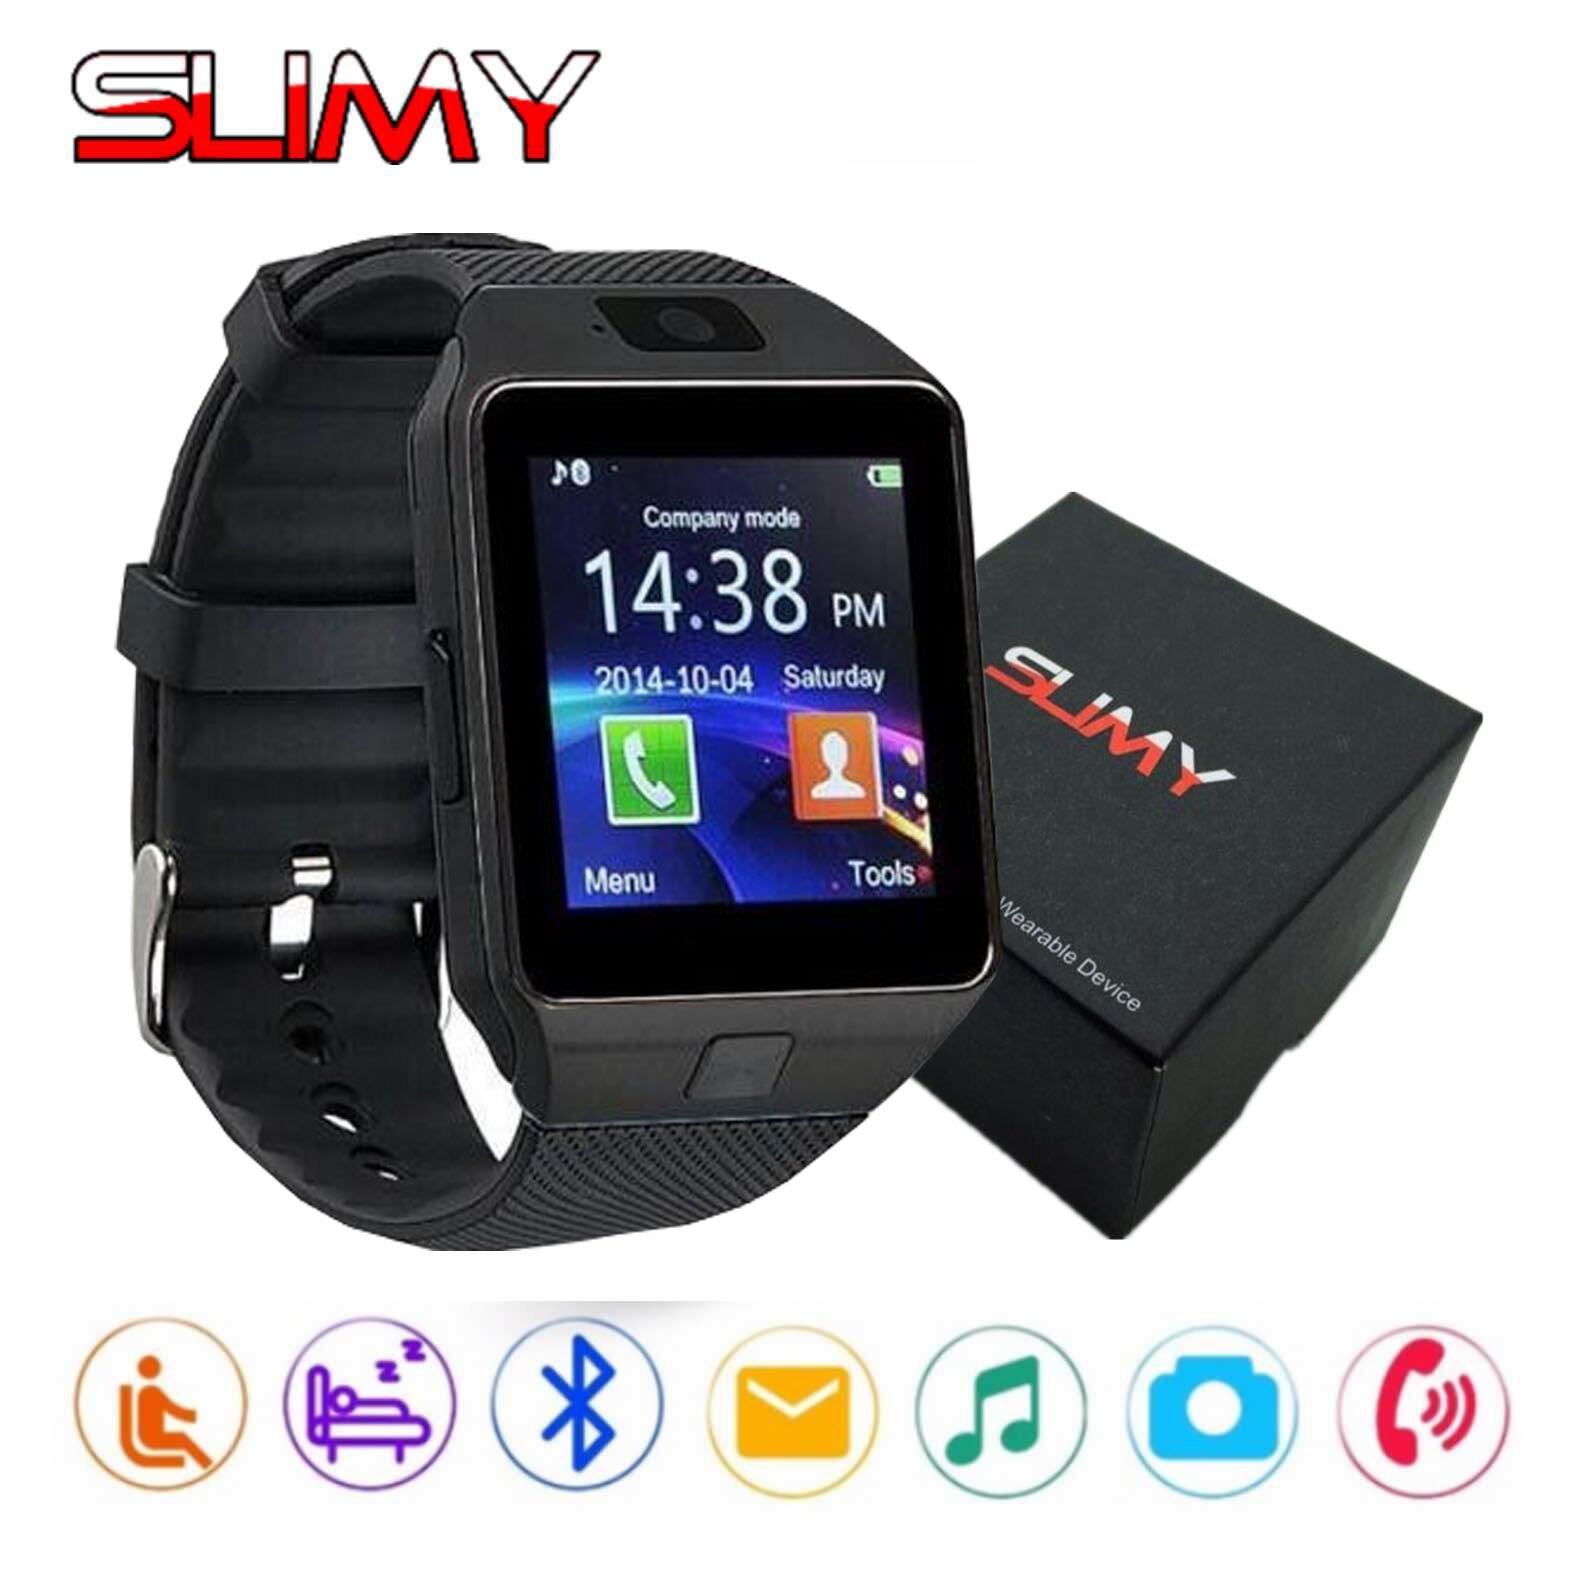 2e964313037 Viscoso DZ09 Dispositivos Wearable para Mulheres Homens Smartwatch Bluetooth  Relógio Inteligente Apoio TF 2g Câmera SIM